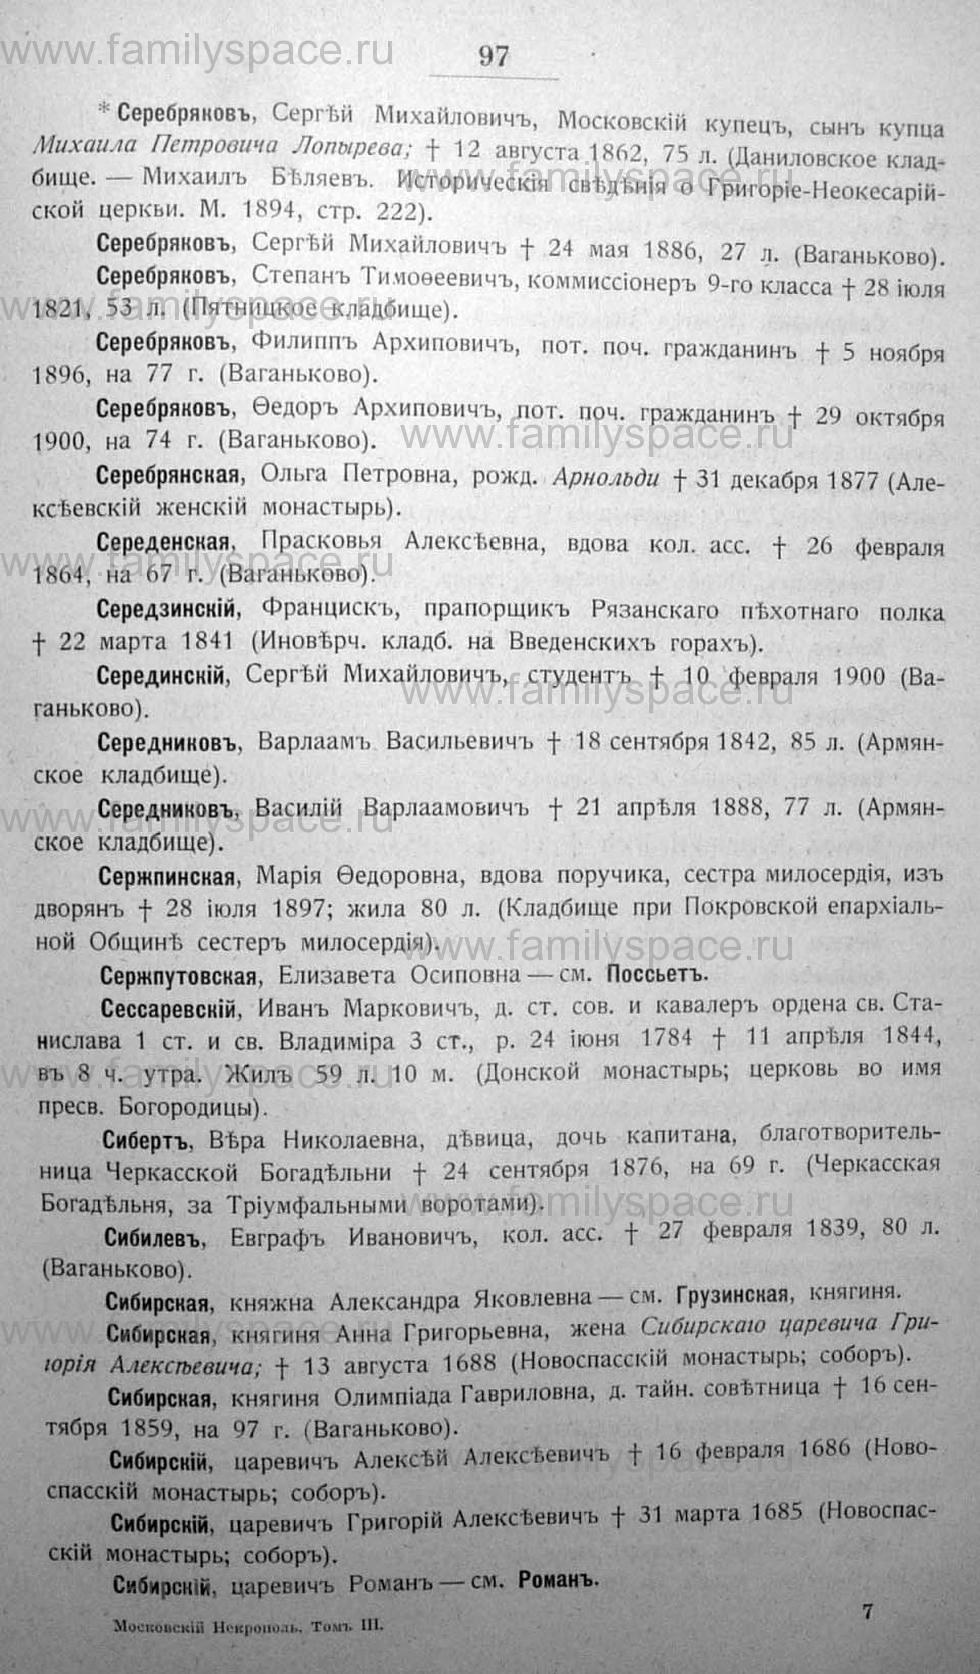 Поиск по фамилии - Московский некрополь, т.3, 1907 г., страница 1097